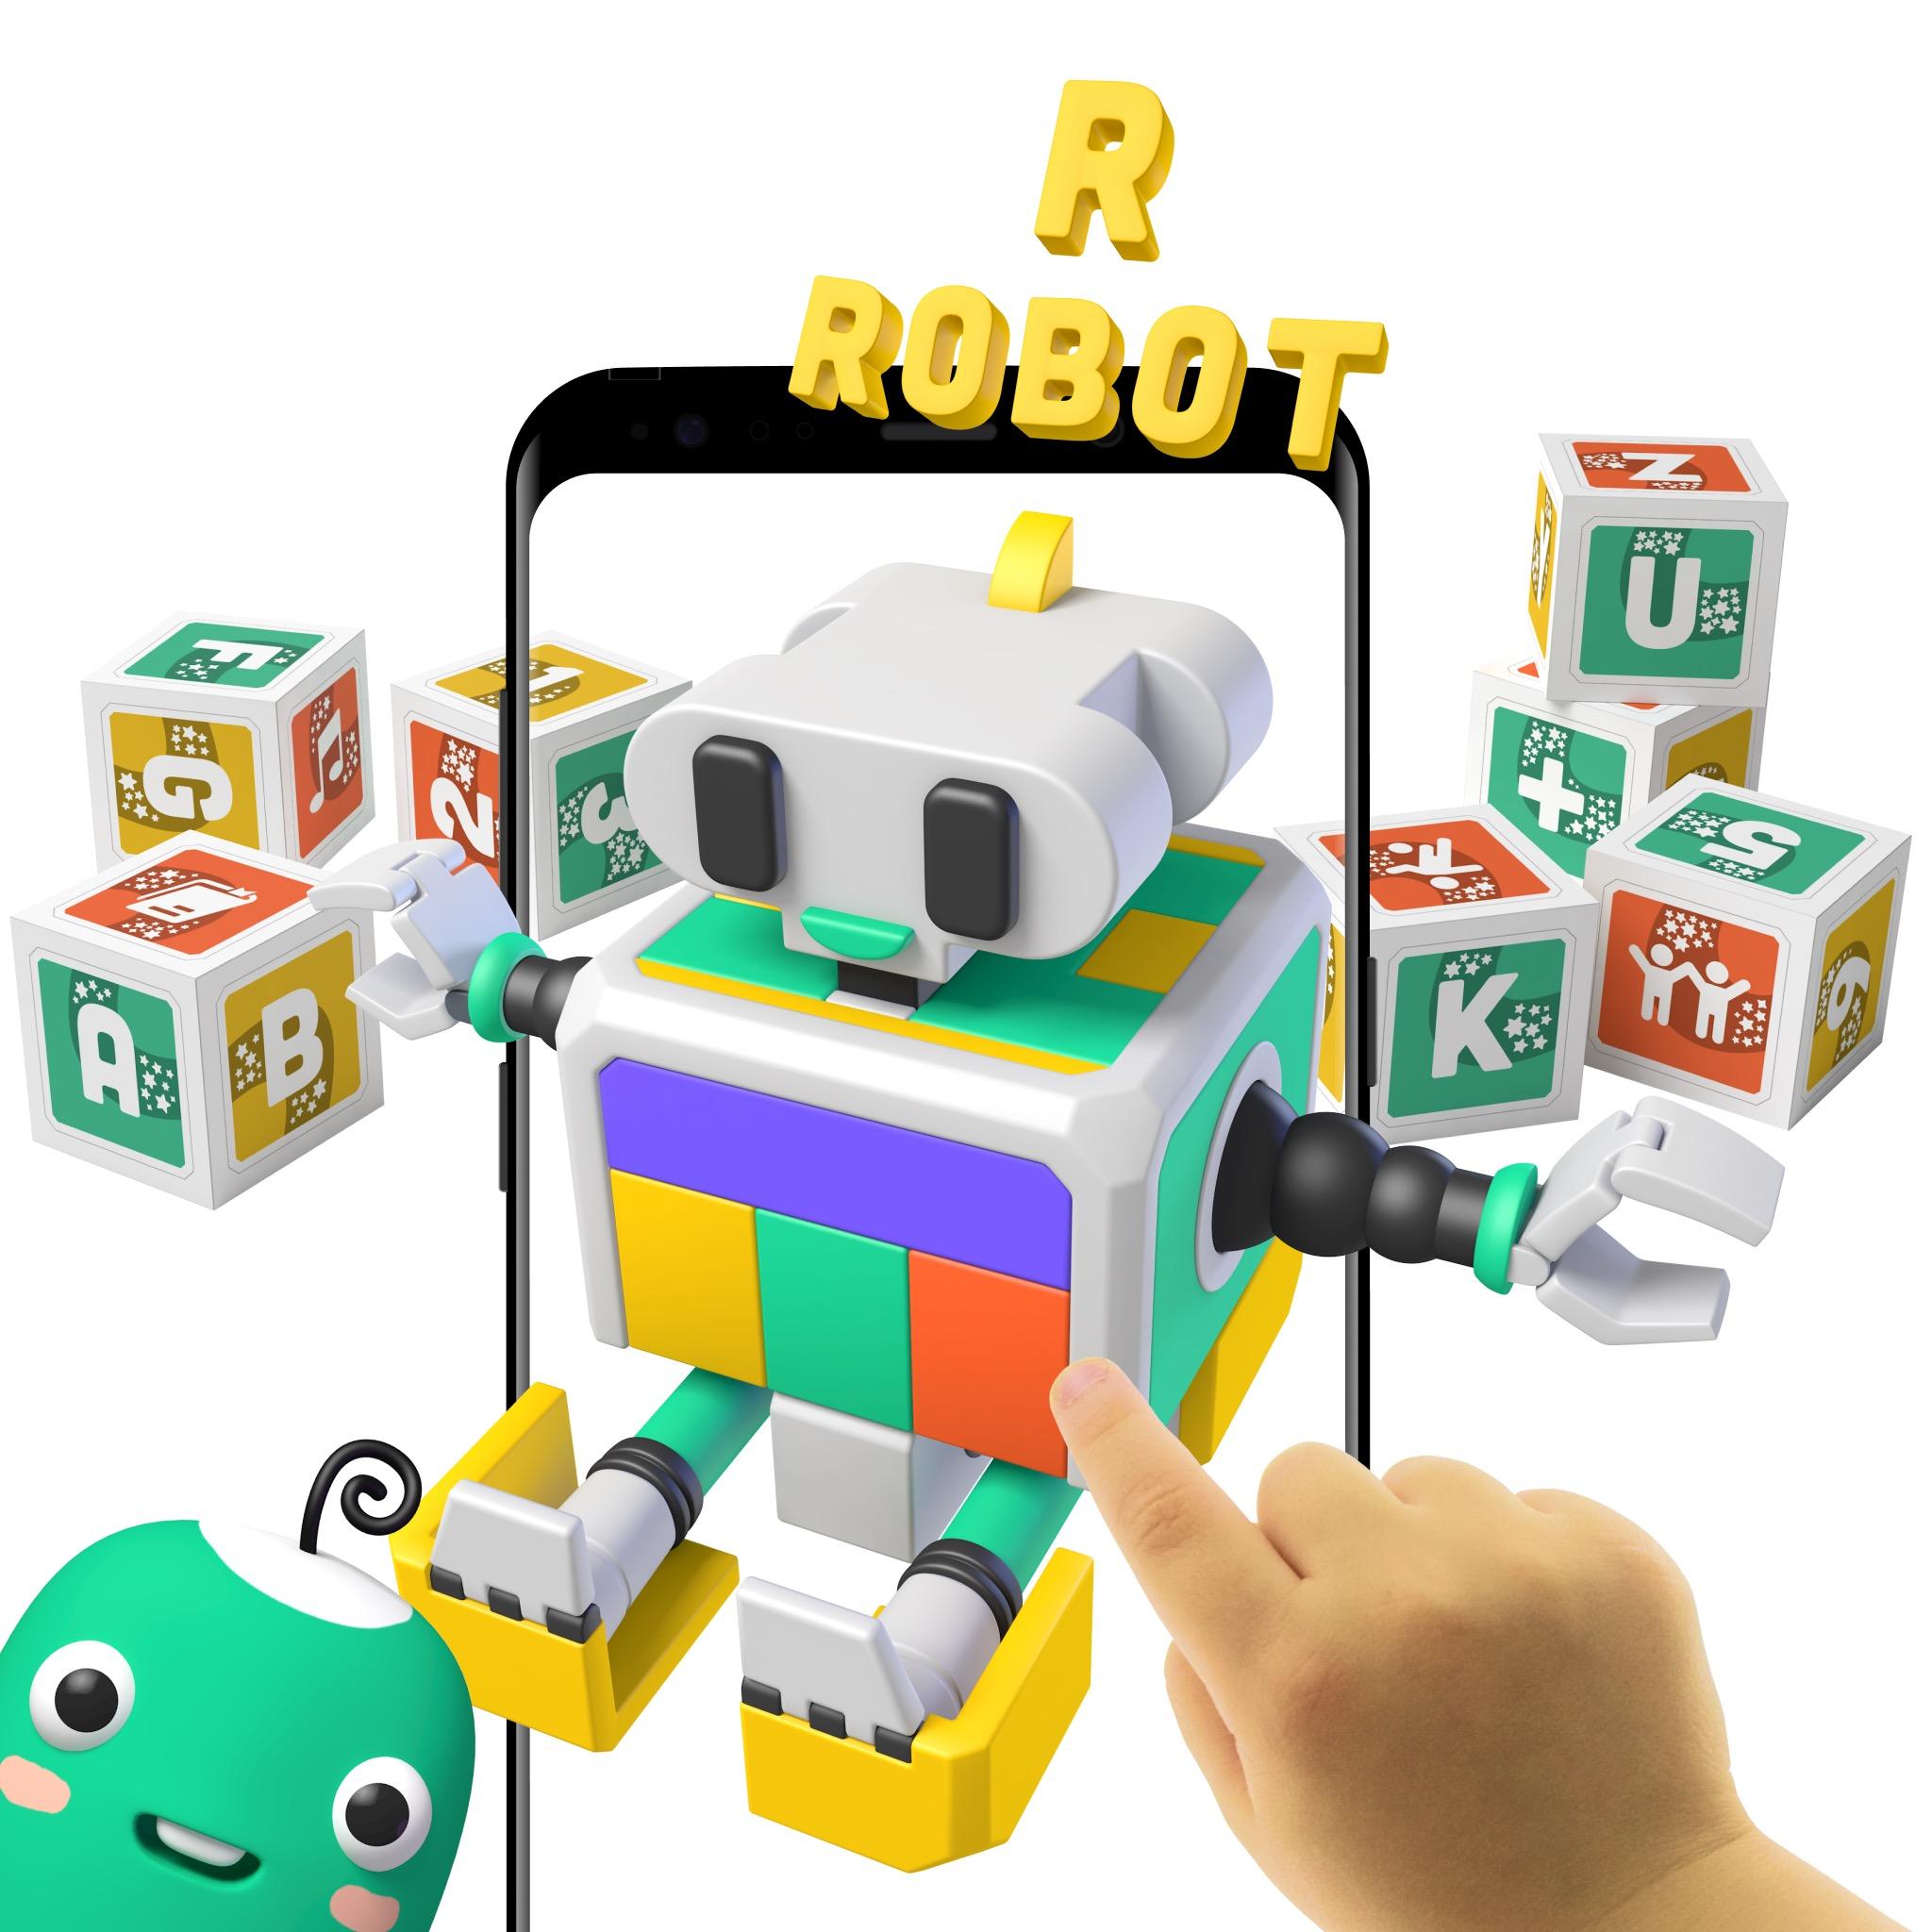 PleIQ Digital  - Cubos Interactivos para imprimir y armar en casa